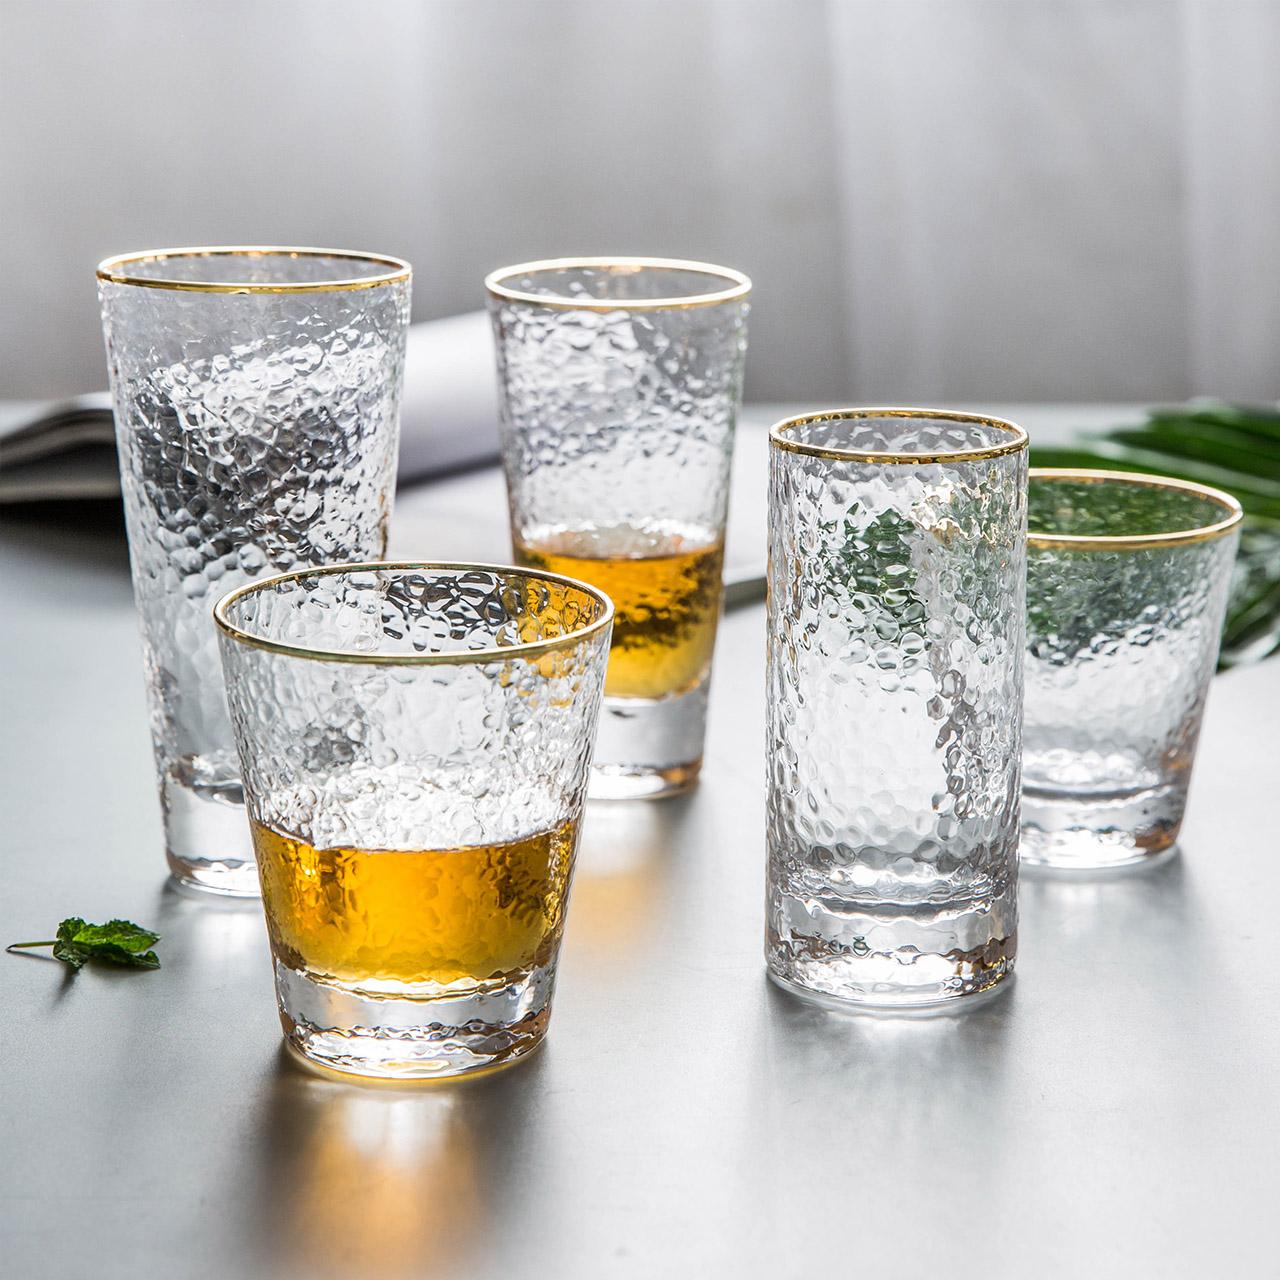 精美的水杯,让喝水充满幸福趣味